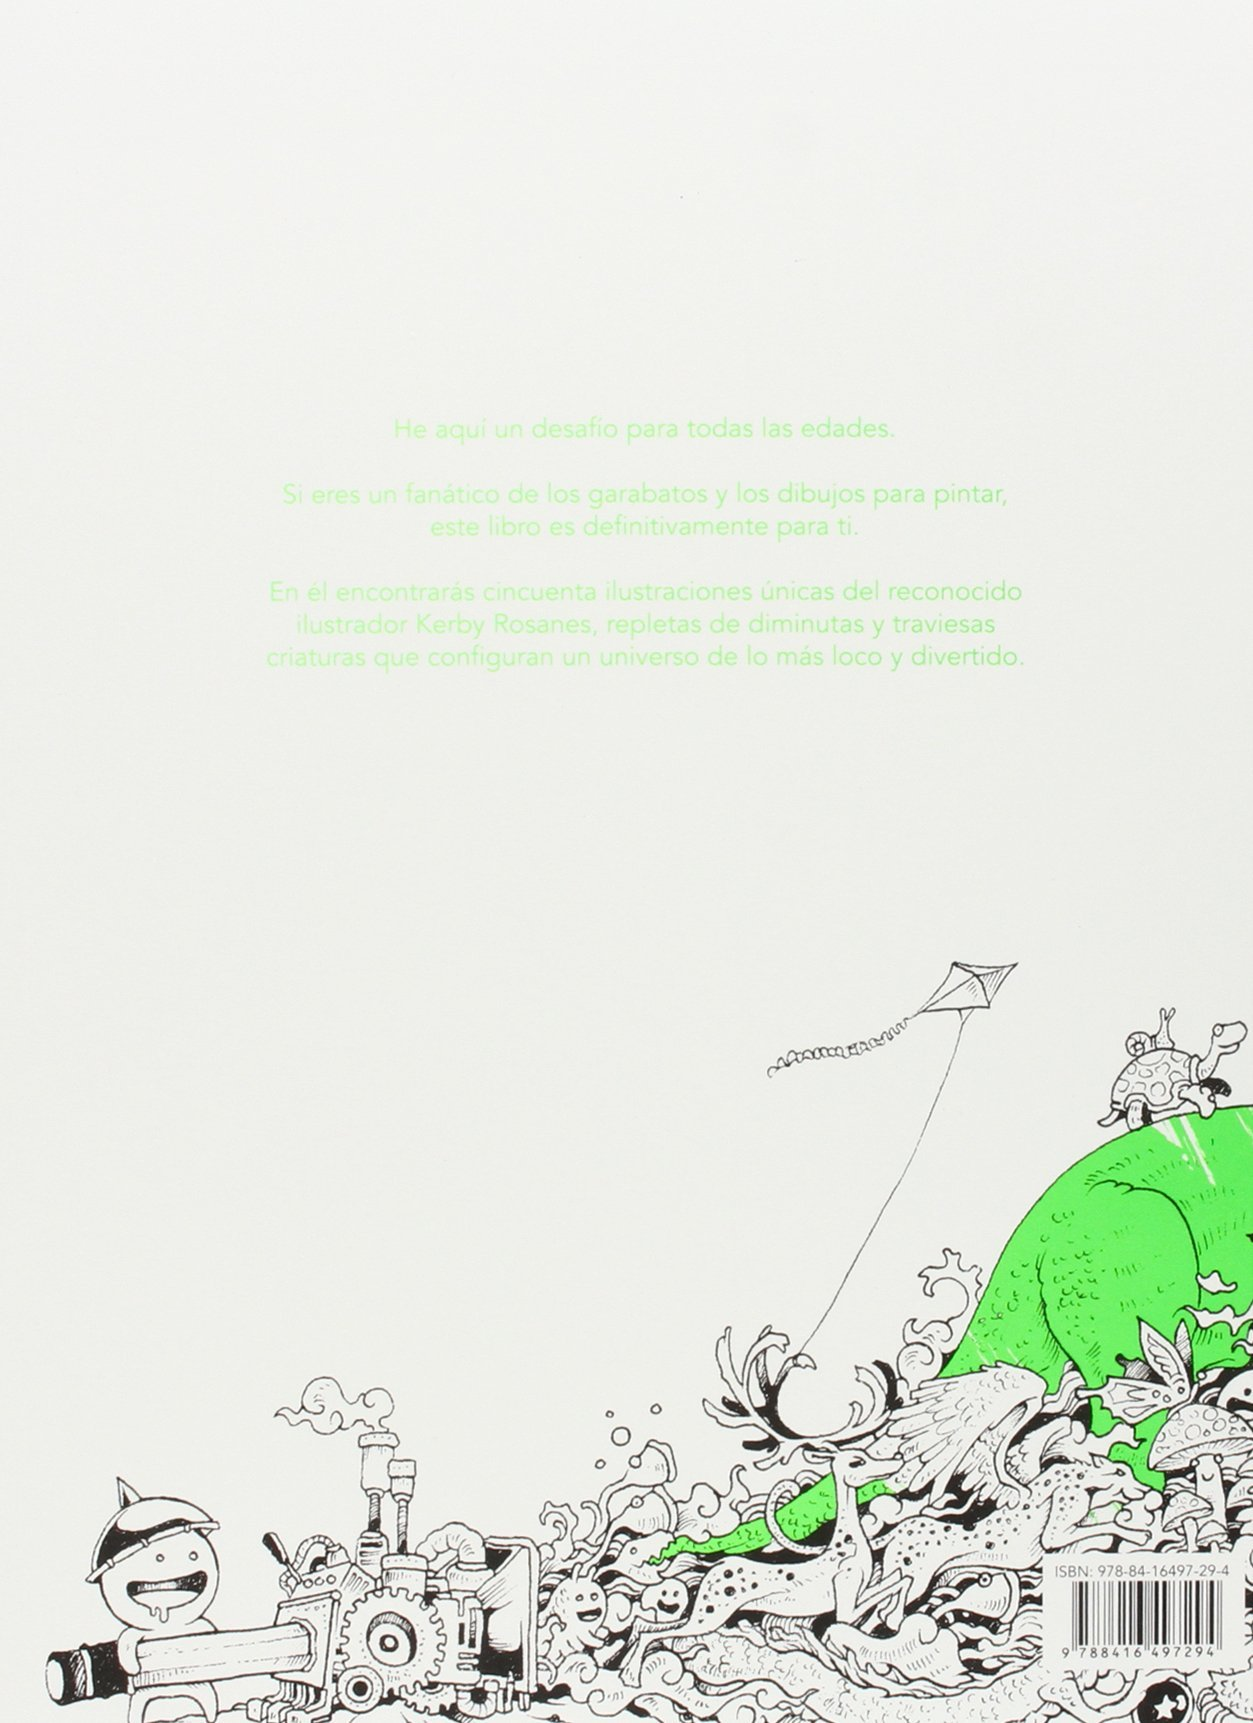 Doodle invasion: Amazon.es: Kerby Rosanes: Libros